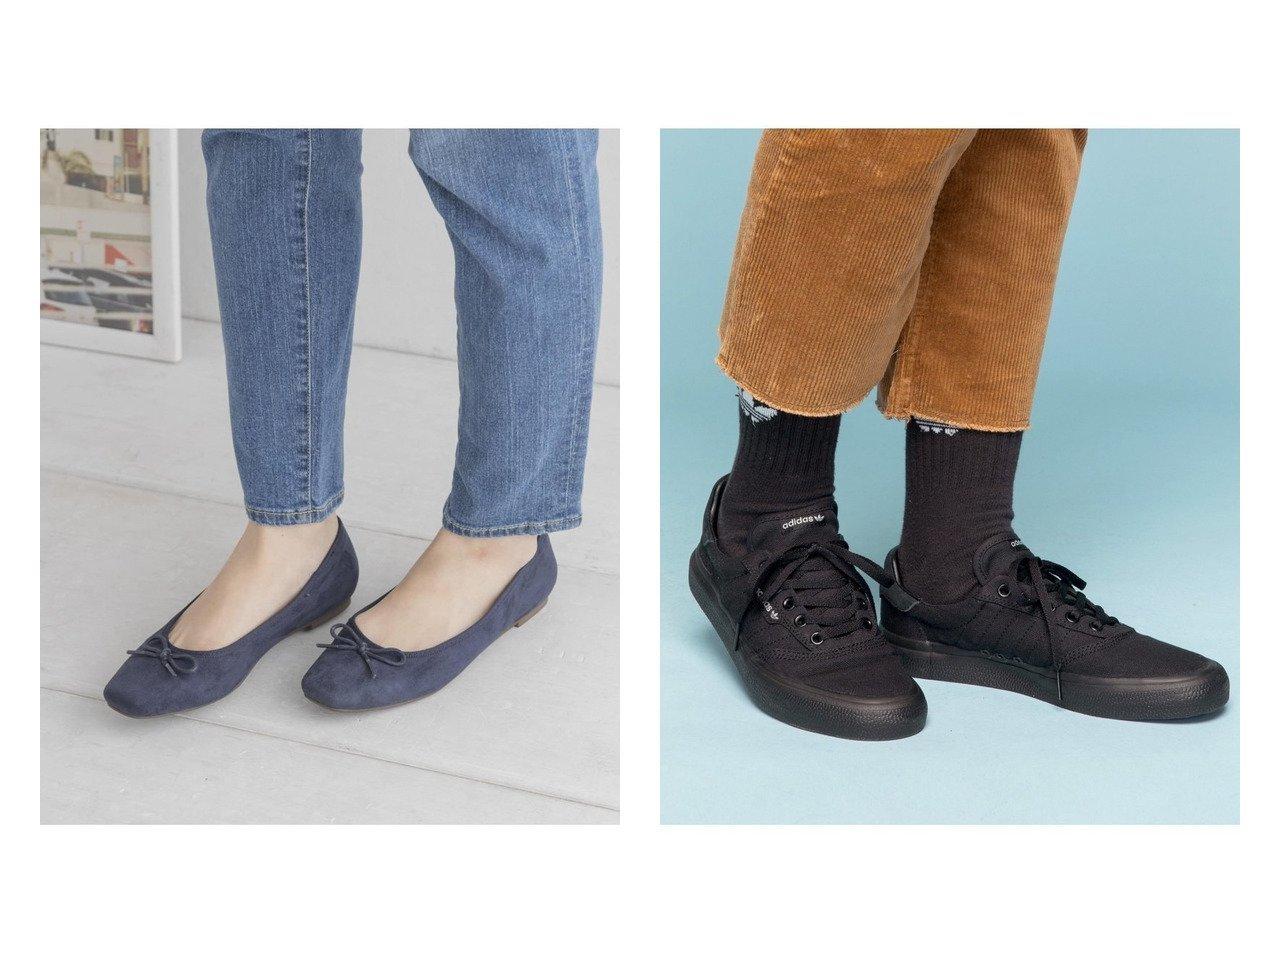 【adidas Originals/アディダス オリジナルス】のスリーエムシー 3MC アディダス スケートボーディング&【Sonny Label / URBAN RESEARCH/サニーレーベル】のコンフォートスェードバレエシューズ 【シューズ・靴】おすすめ!人気、トレンド・レディースファッションの通販 おすすめで人気の流行・トレンド、ファッションの通販商品 メンズファッション・キッズファッション・インテリア・家具・レディースファッション・服の通販 founy(ファニー) https://founy.com/ ファッション Fashion レディースファッション WOMEN クラシック シューズ スニーカー スリッポン パッチ フィット ライニング レギュラー 軽量 バレエ ベーシック リボン |ID:crp329100000035490